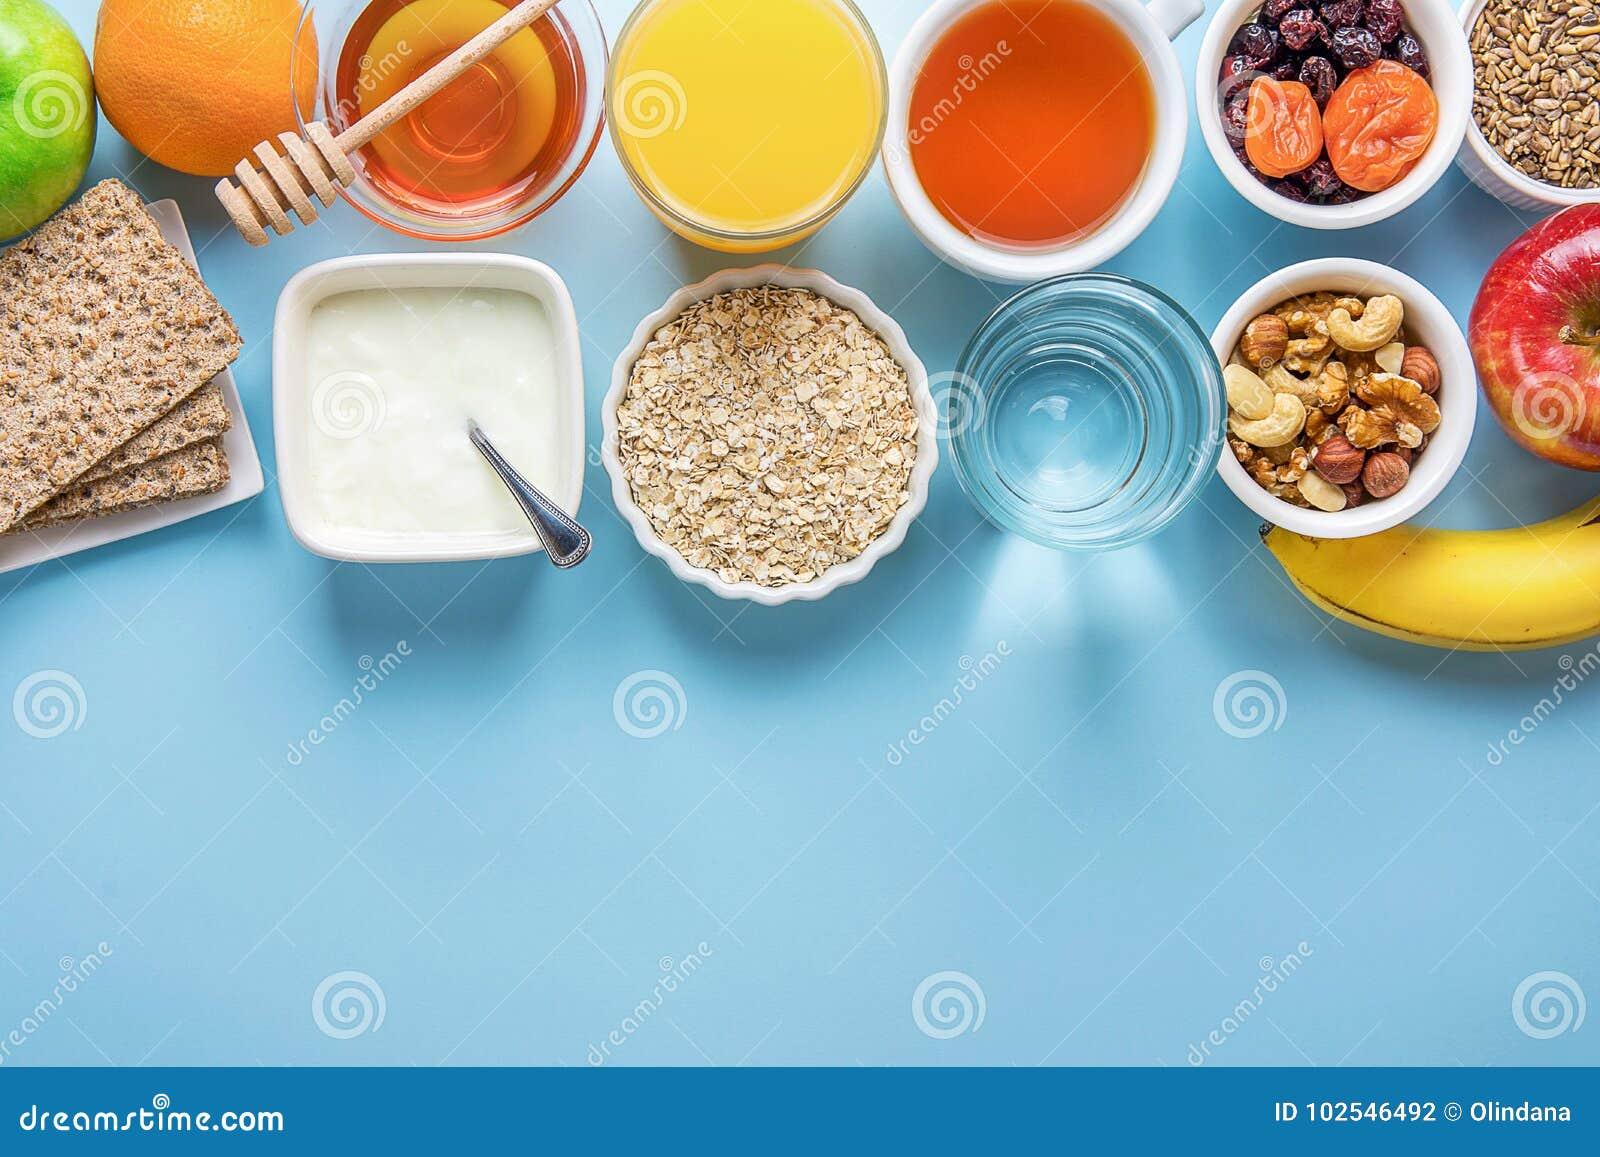 Sund havremjöl Honey Fruits Apples Banana Orange Juice Water Green Tea Nuts för frukost för matsmältning för matfiberkällor